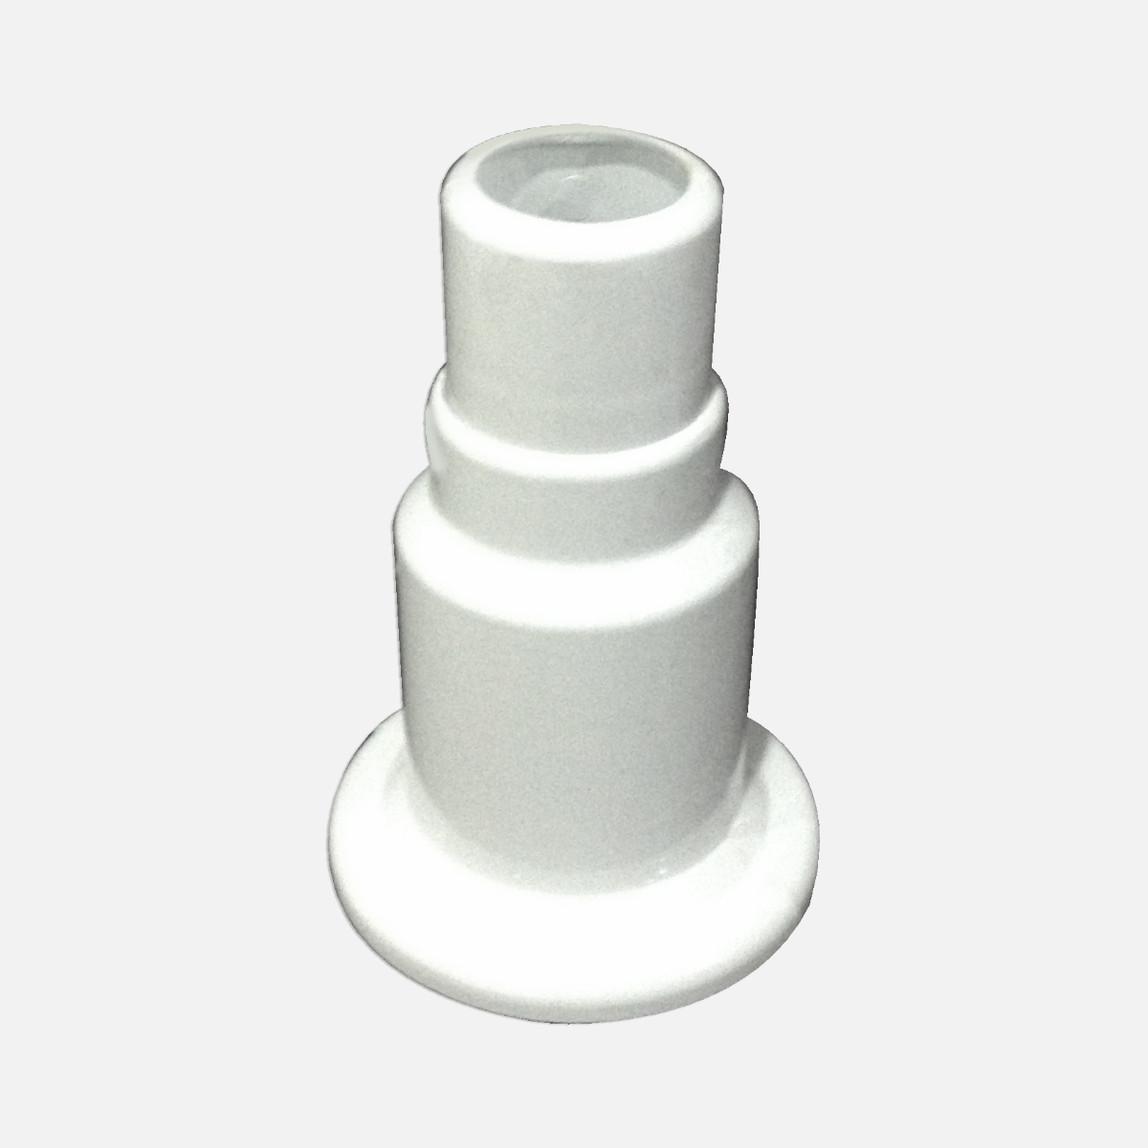 Ayarlı  Tekli Kalorifer Petek Boru Gizleyici  Beyaz